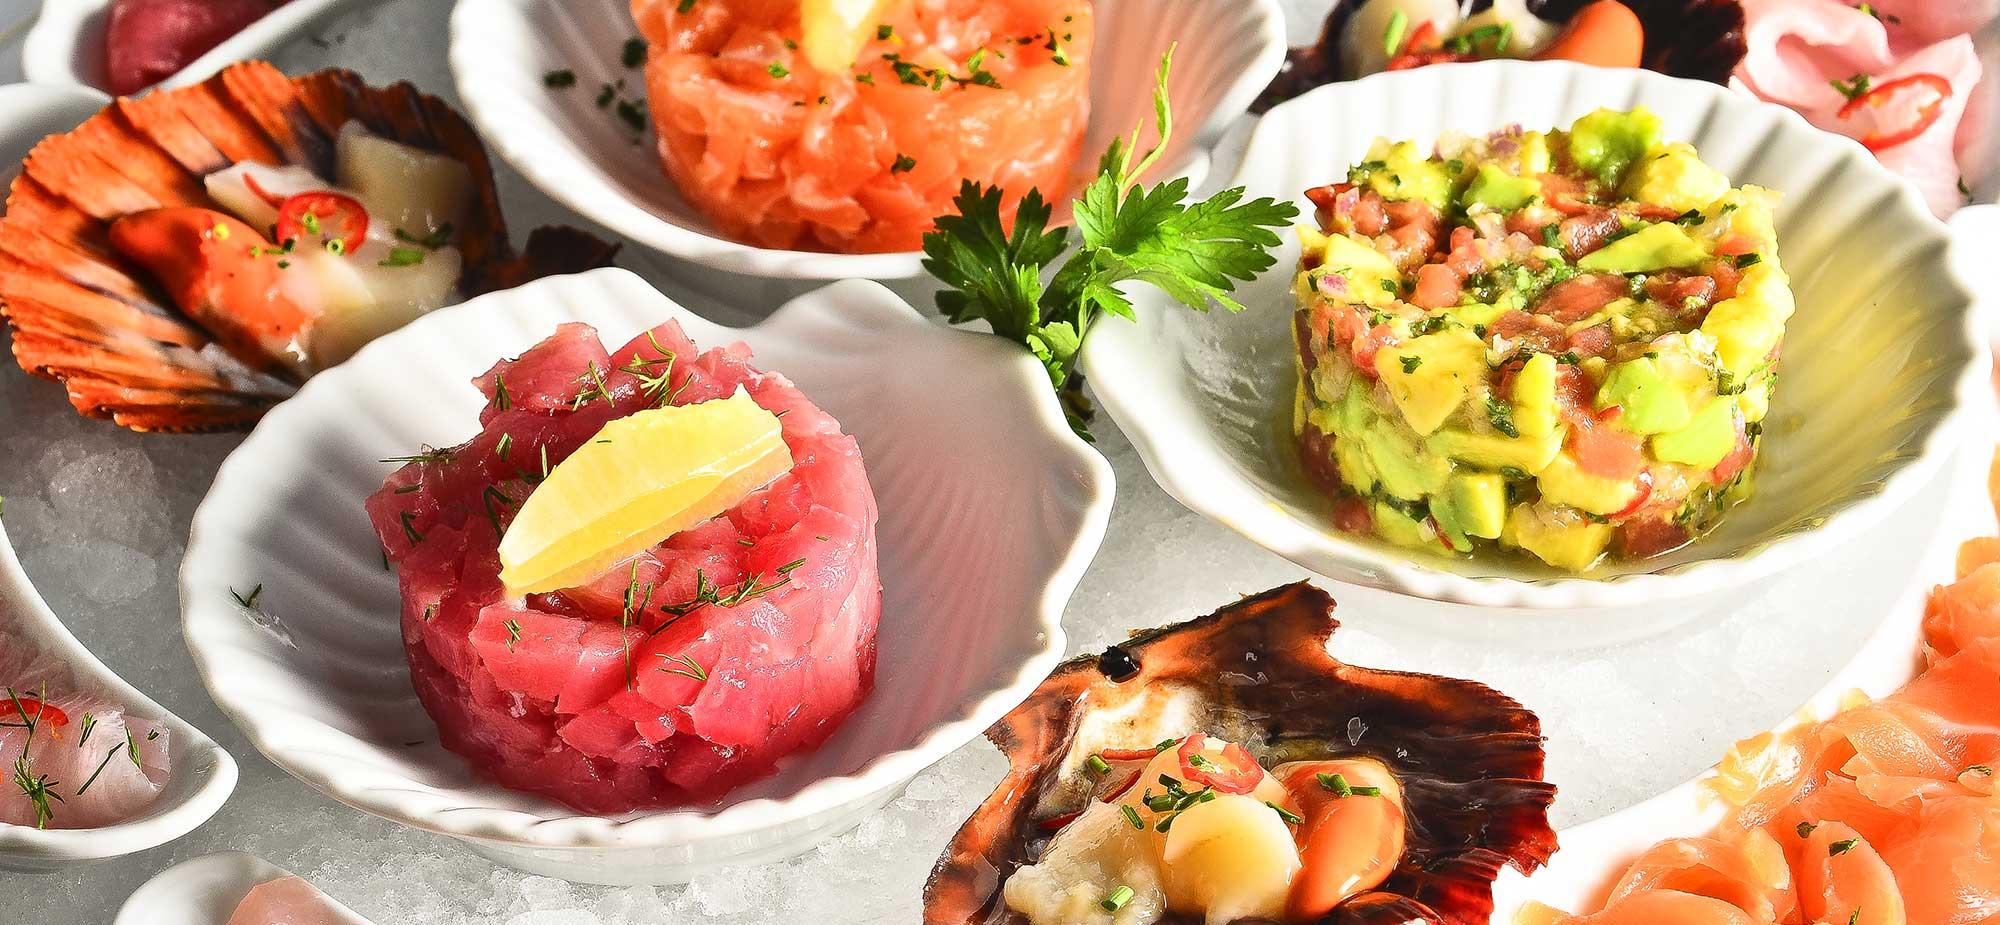 Gastronomia-8290